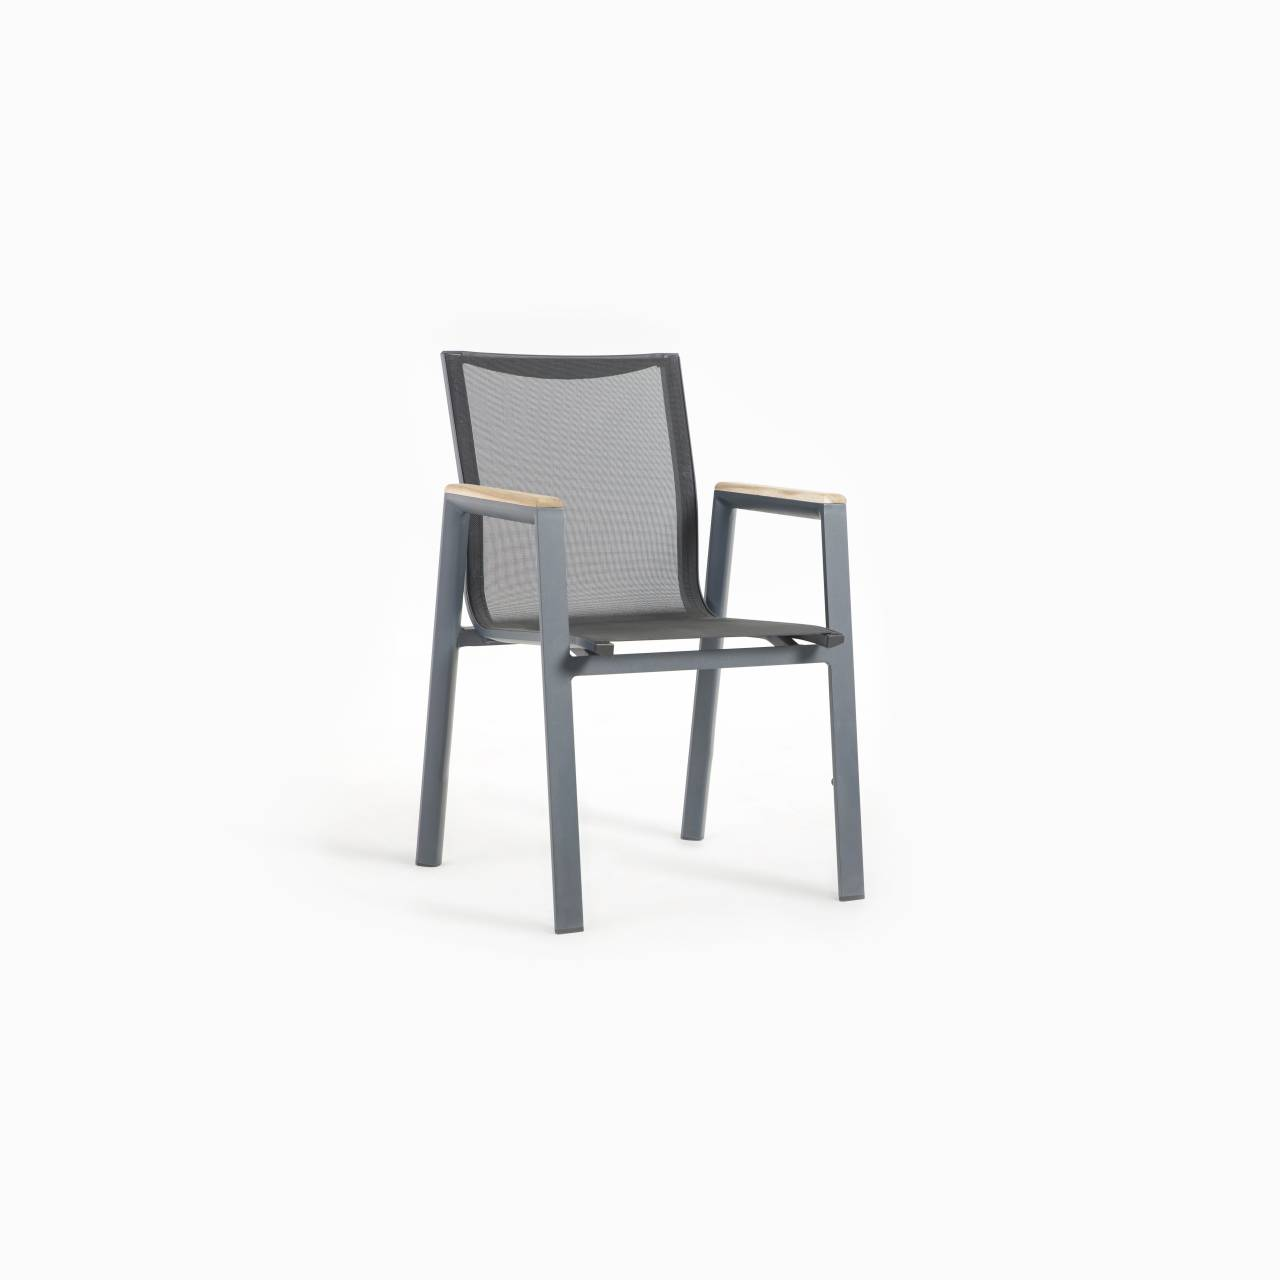 bursa mobilya fotografcisi cekimi2 - Ürün Fotoğraf Çekimi Nedir?